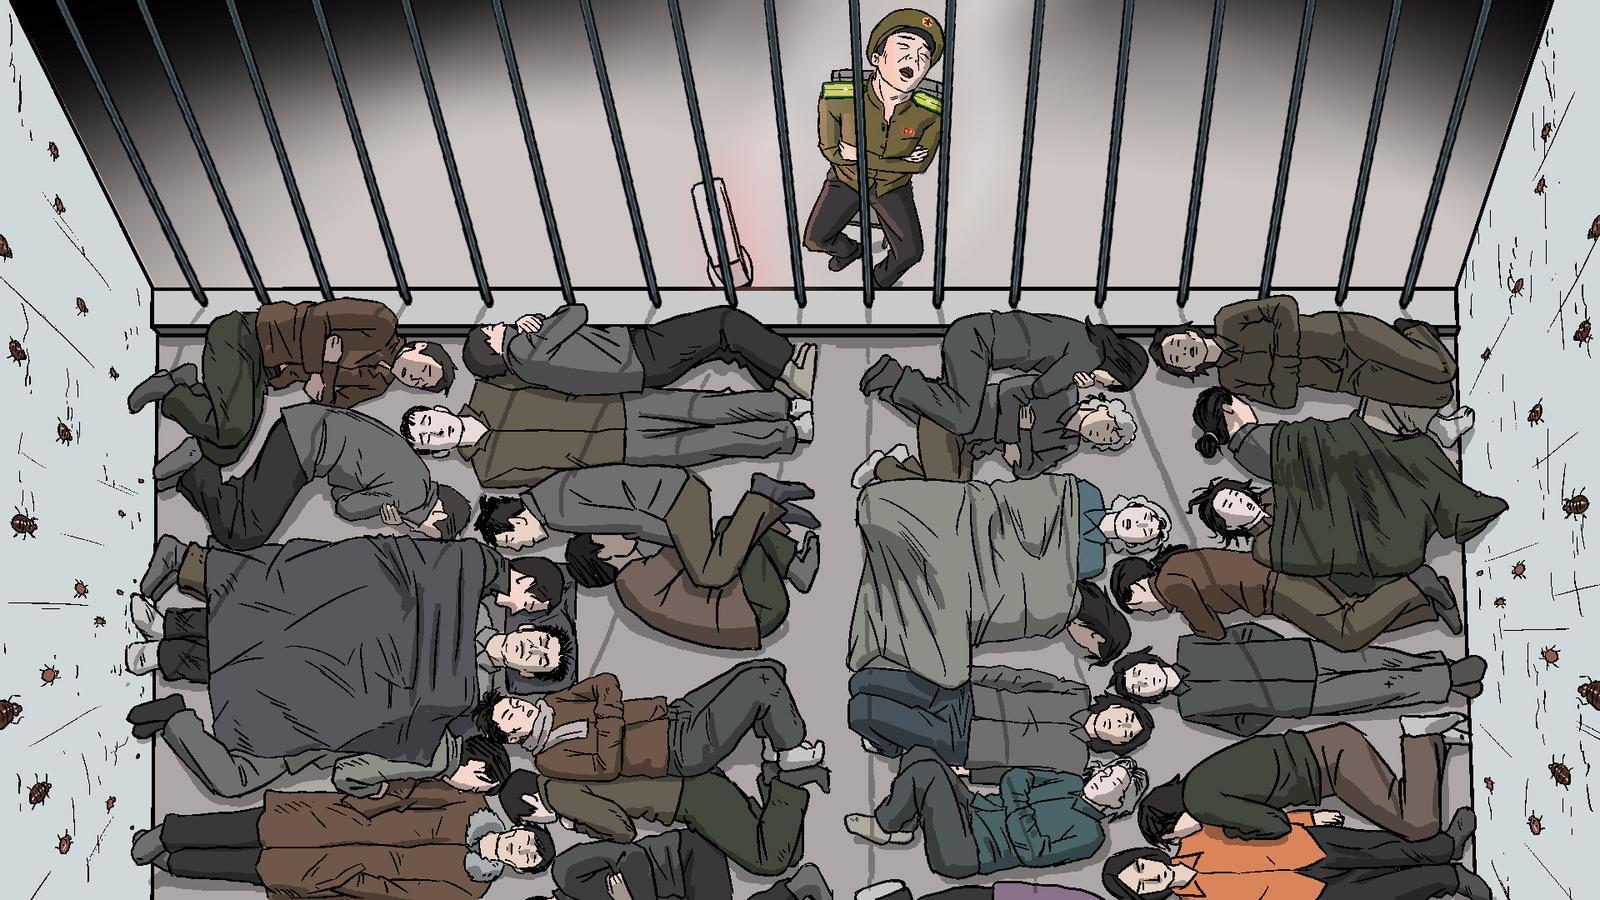 Il·lustració facilitada per HRW sobre els centres de detenció preventiva a Corea del Nord.